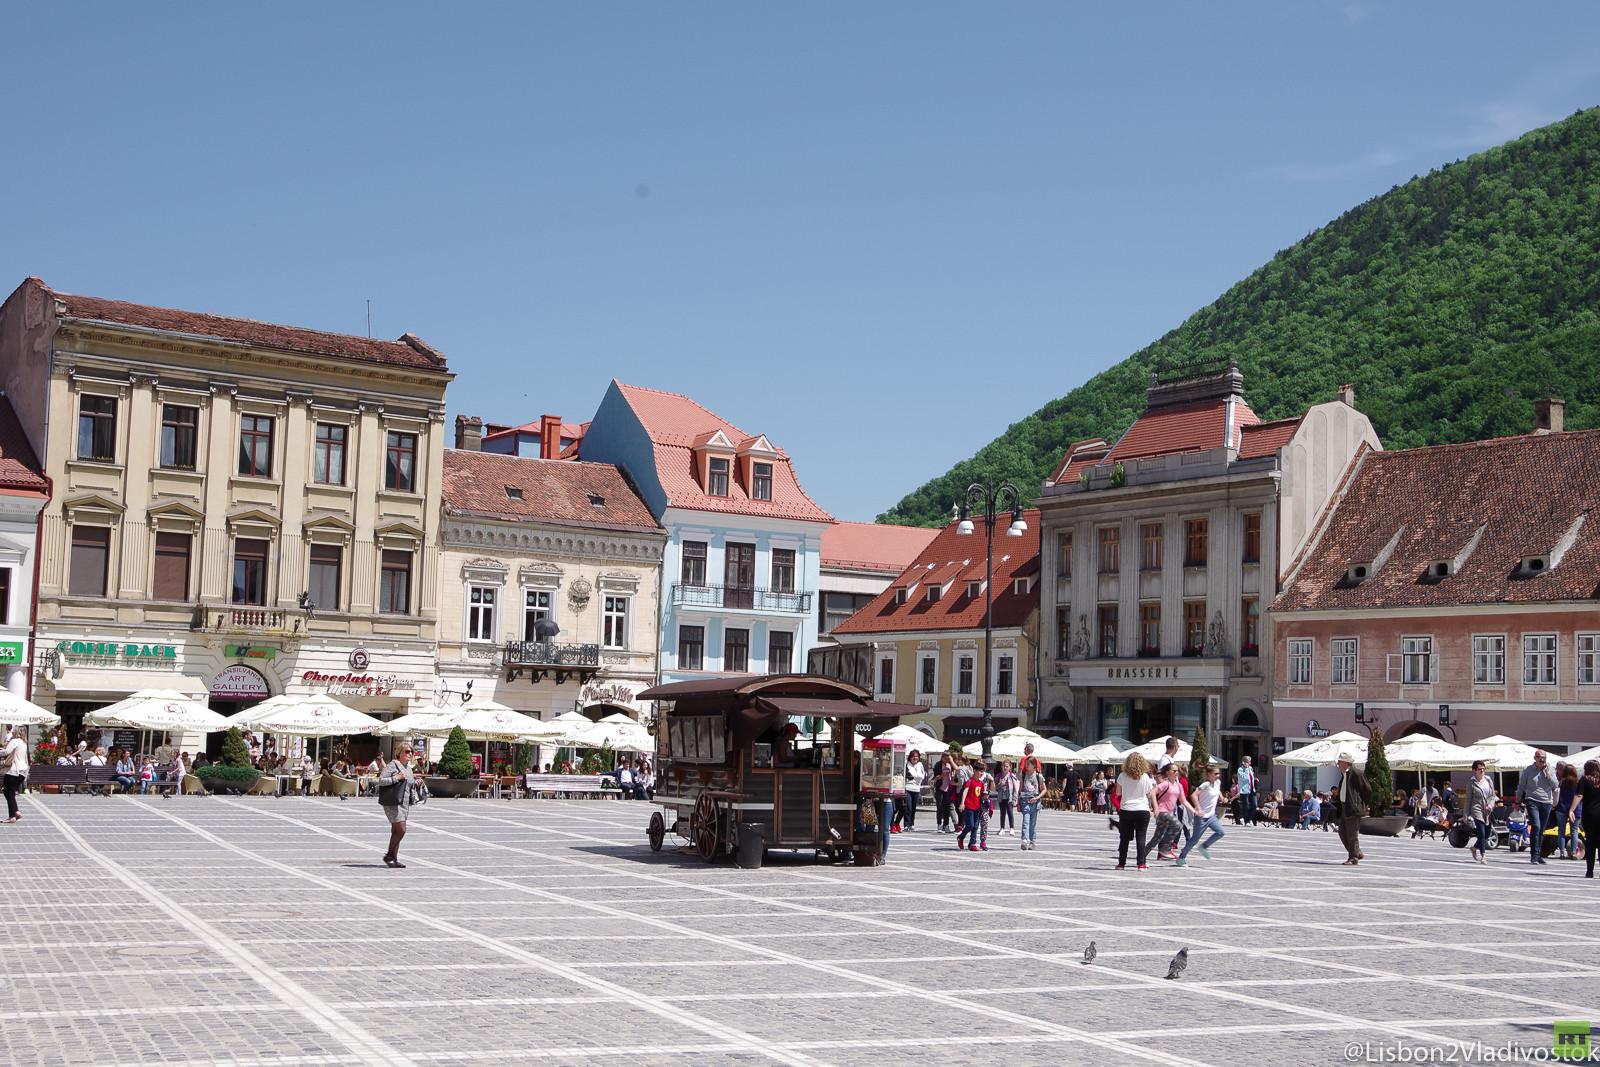 Von Lissabon nach Wladiwostok: Die erste große Etappe